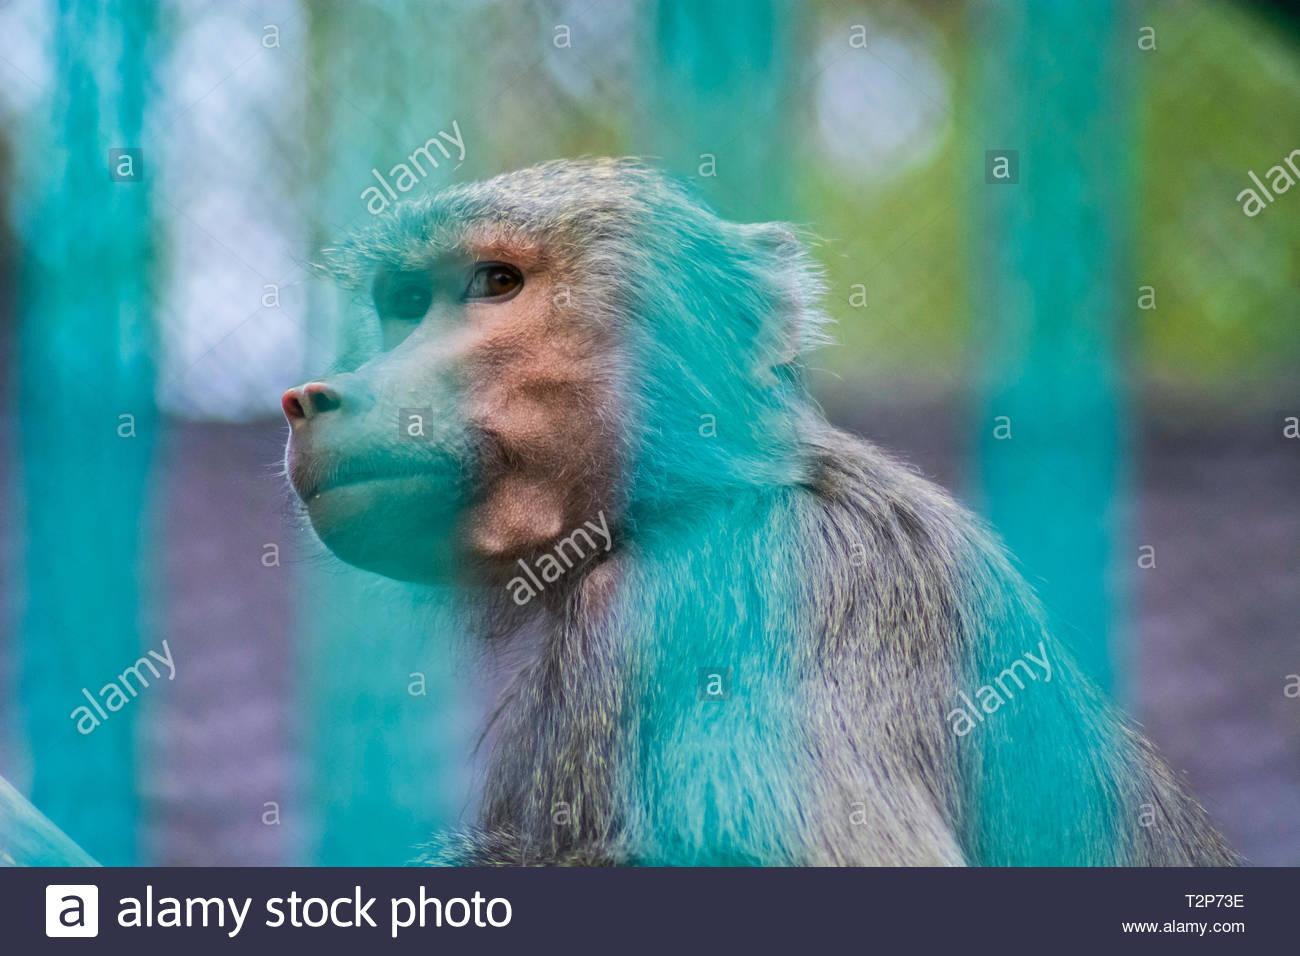 Retrato de un triste mono mirando a través de las barras de la jaula en un zoológico. Concepto de los derechos de los animales, la cautividad , infelicidad y miseria.Jaimico. Foto de stock